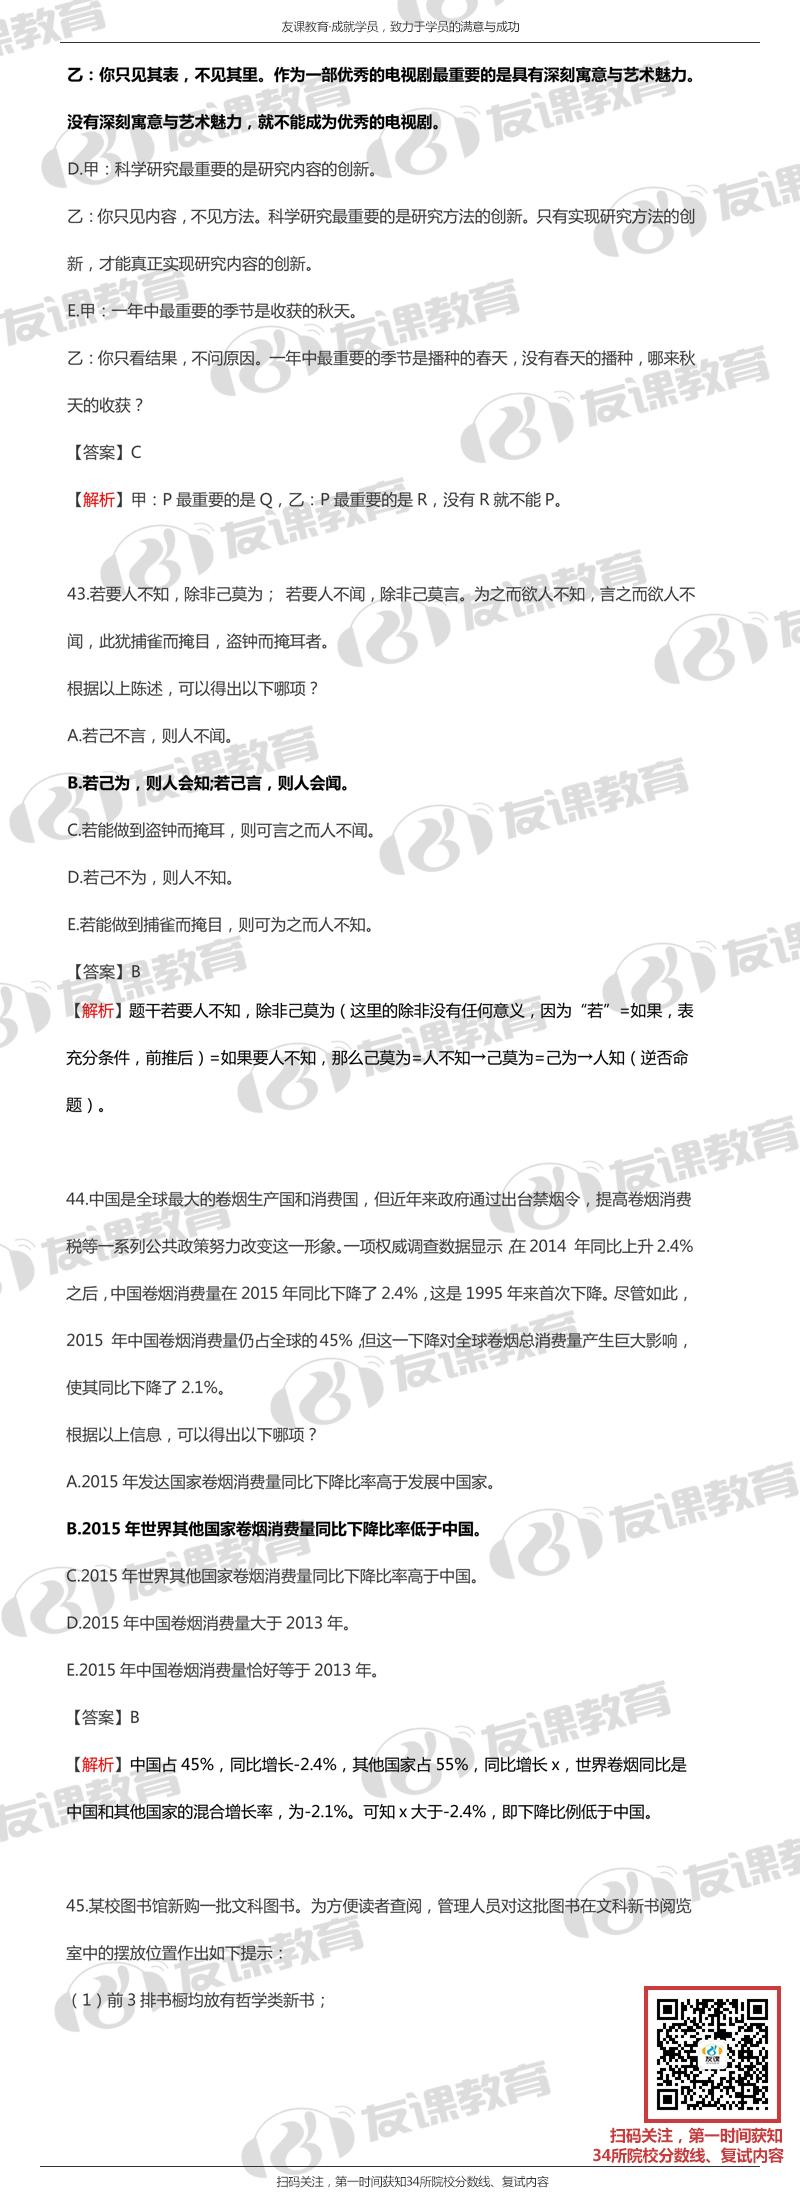 2018MBA联考逻辑真题及解析7(友课教育版).jpg